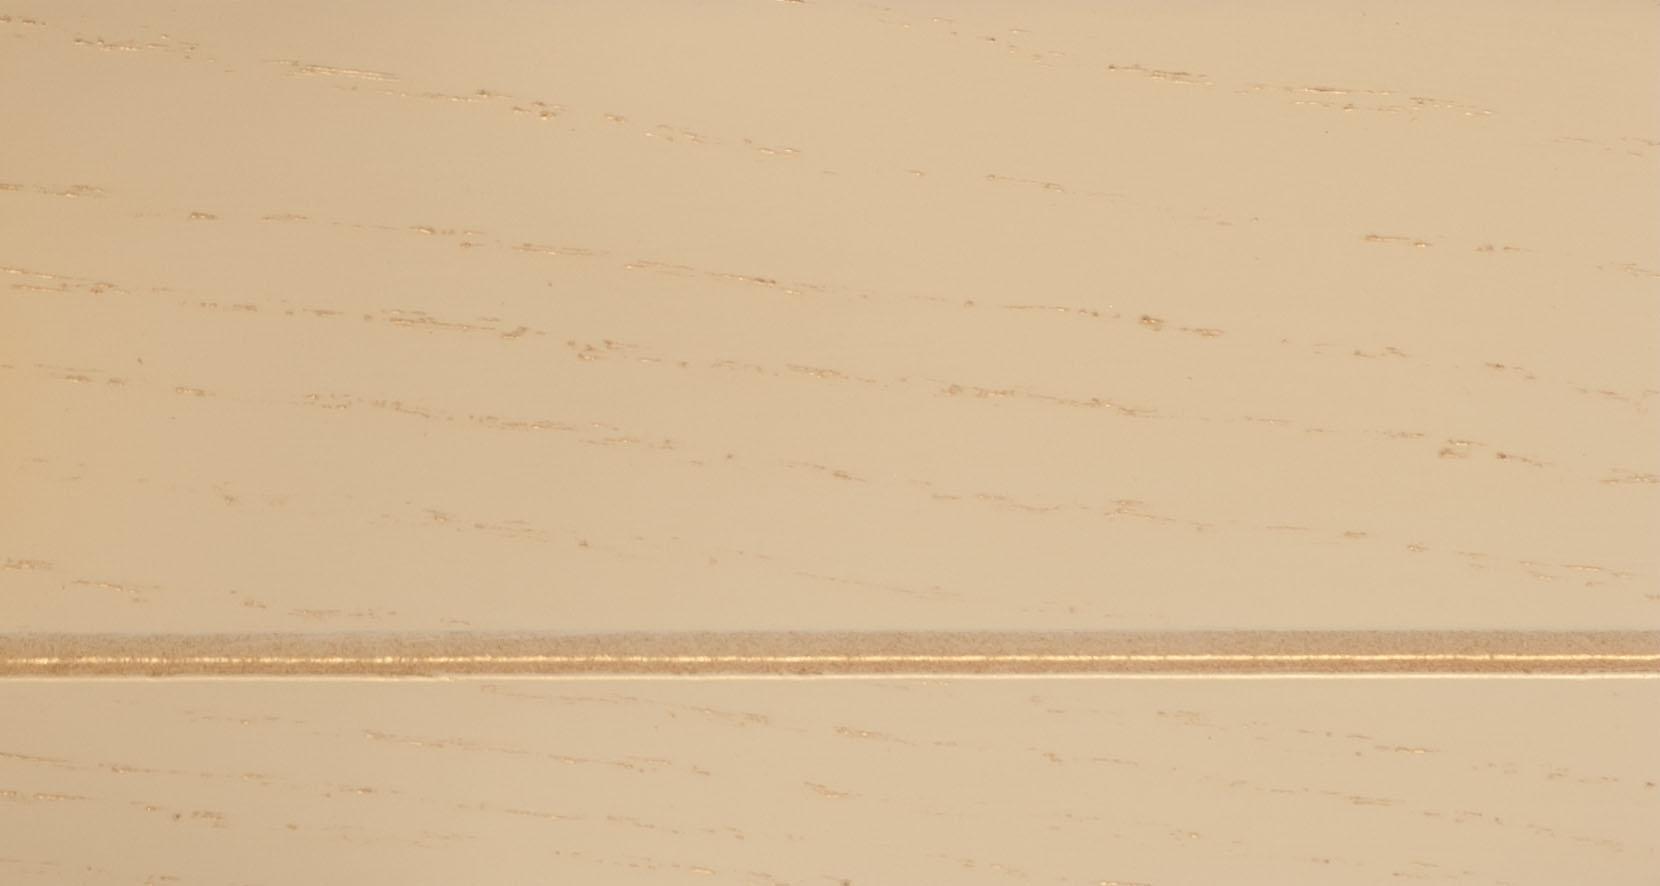 Тон 12. Тонировка II категории: эмаль слоновая кость, патина охра